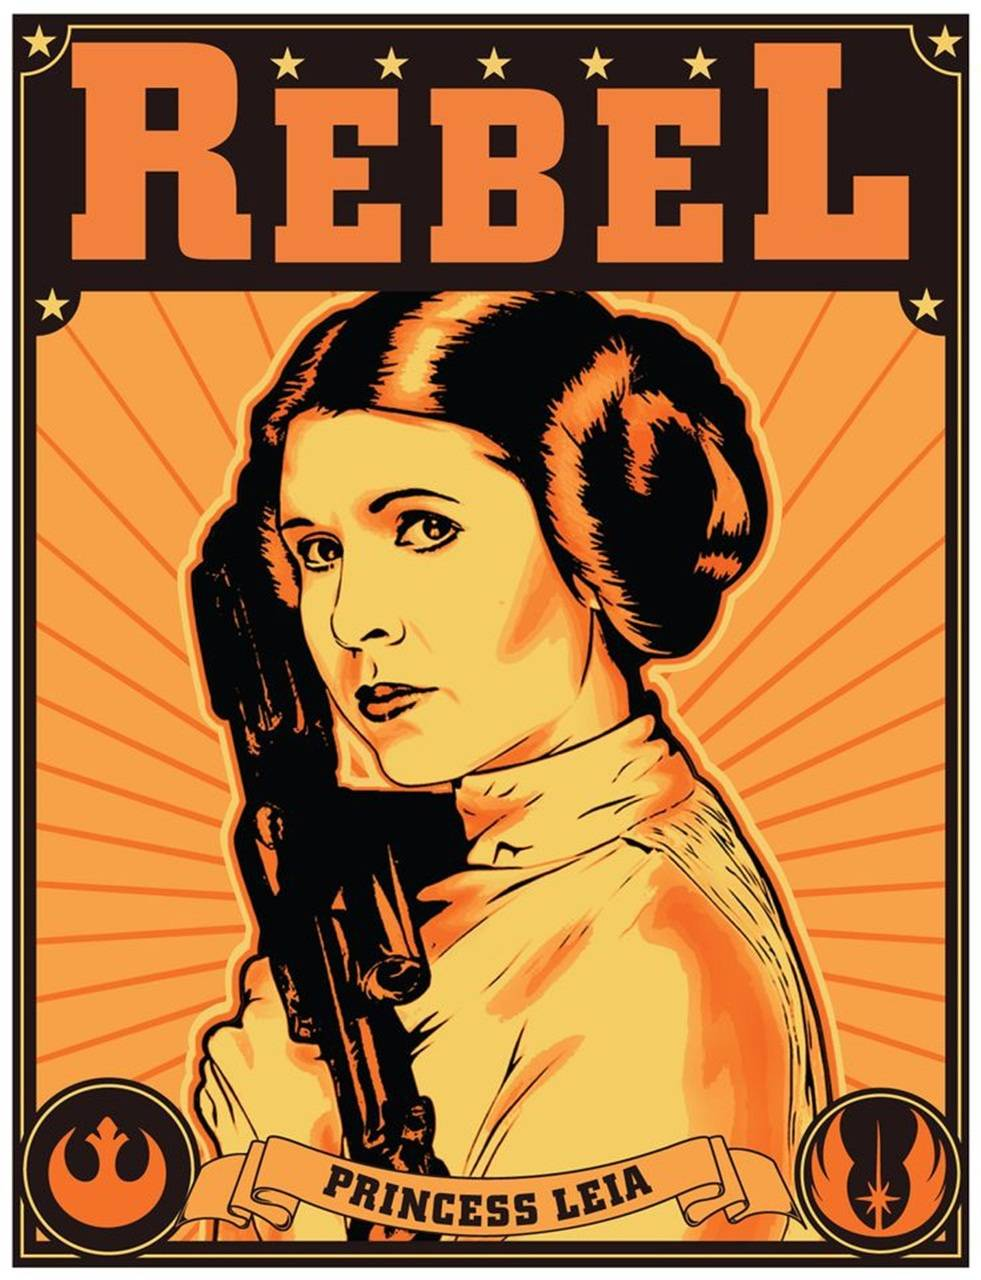 Princess Leia Wallpaper By Sabb97 C2 Free On Zedge